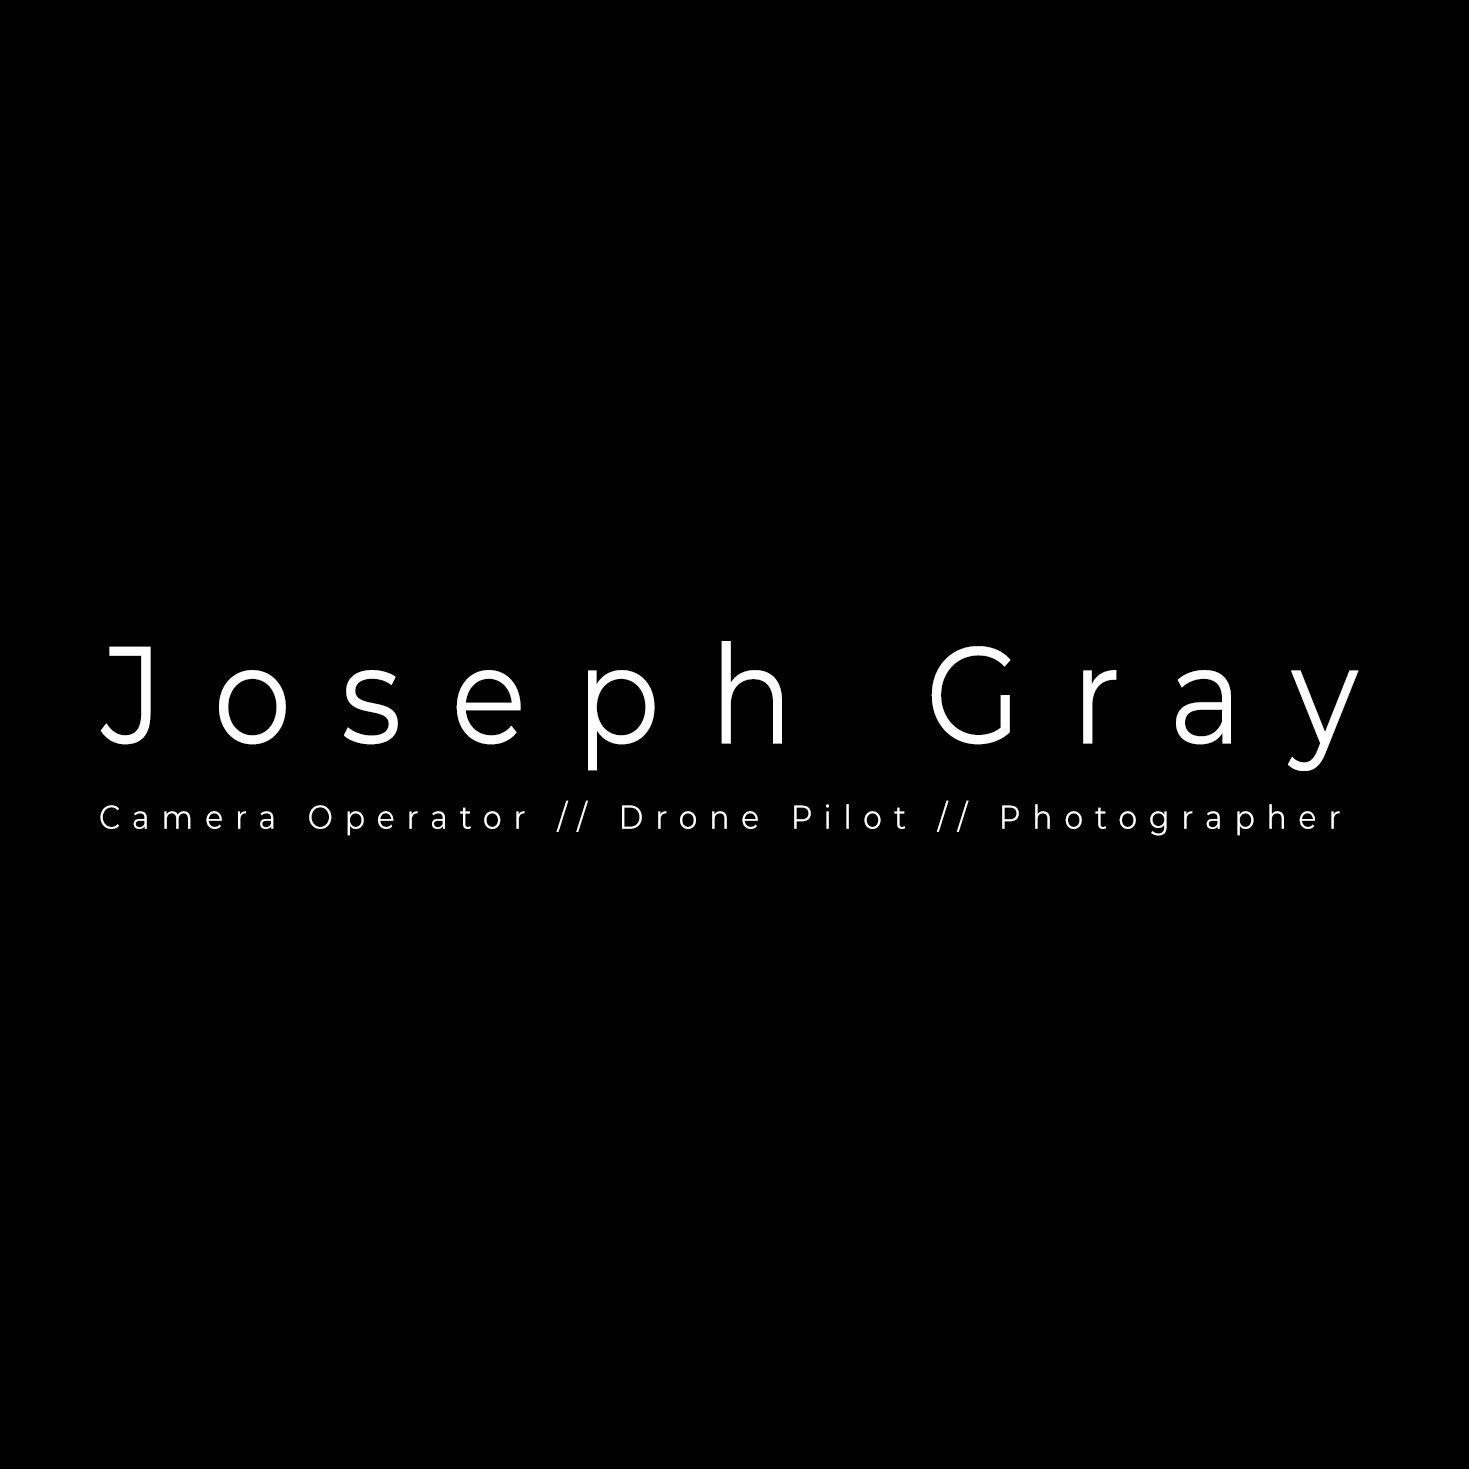 SHOWREEL - Joseph Gray 2019 showreel